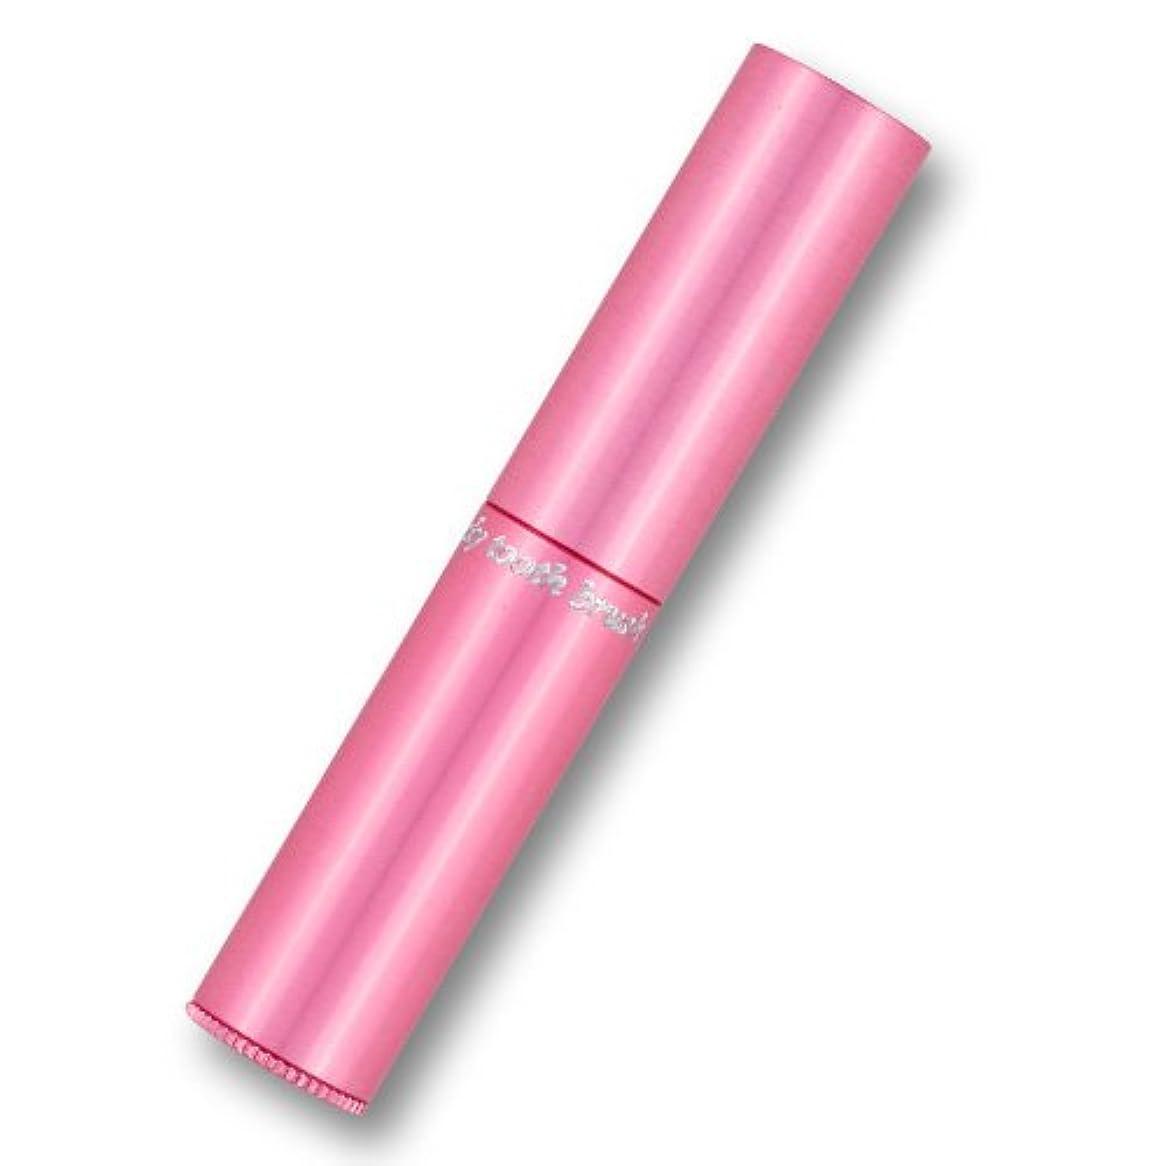 シリンダー耐えられる起きている携帯歯ブラシ?タベタラmigaCO(ピンク)